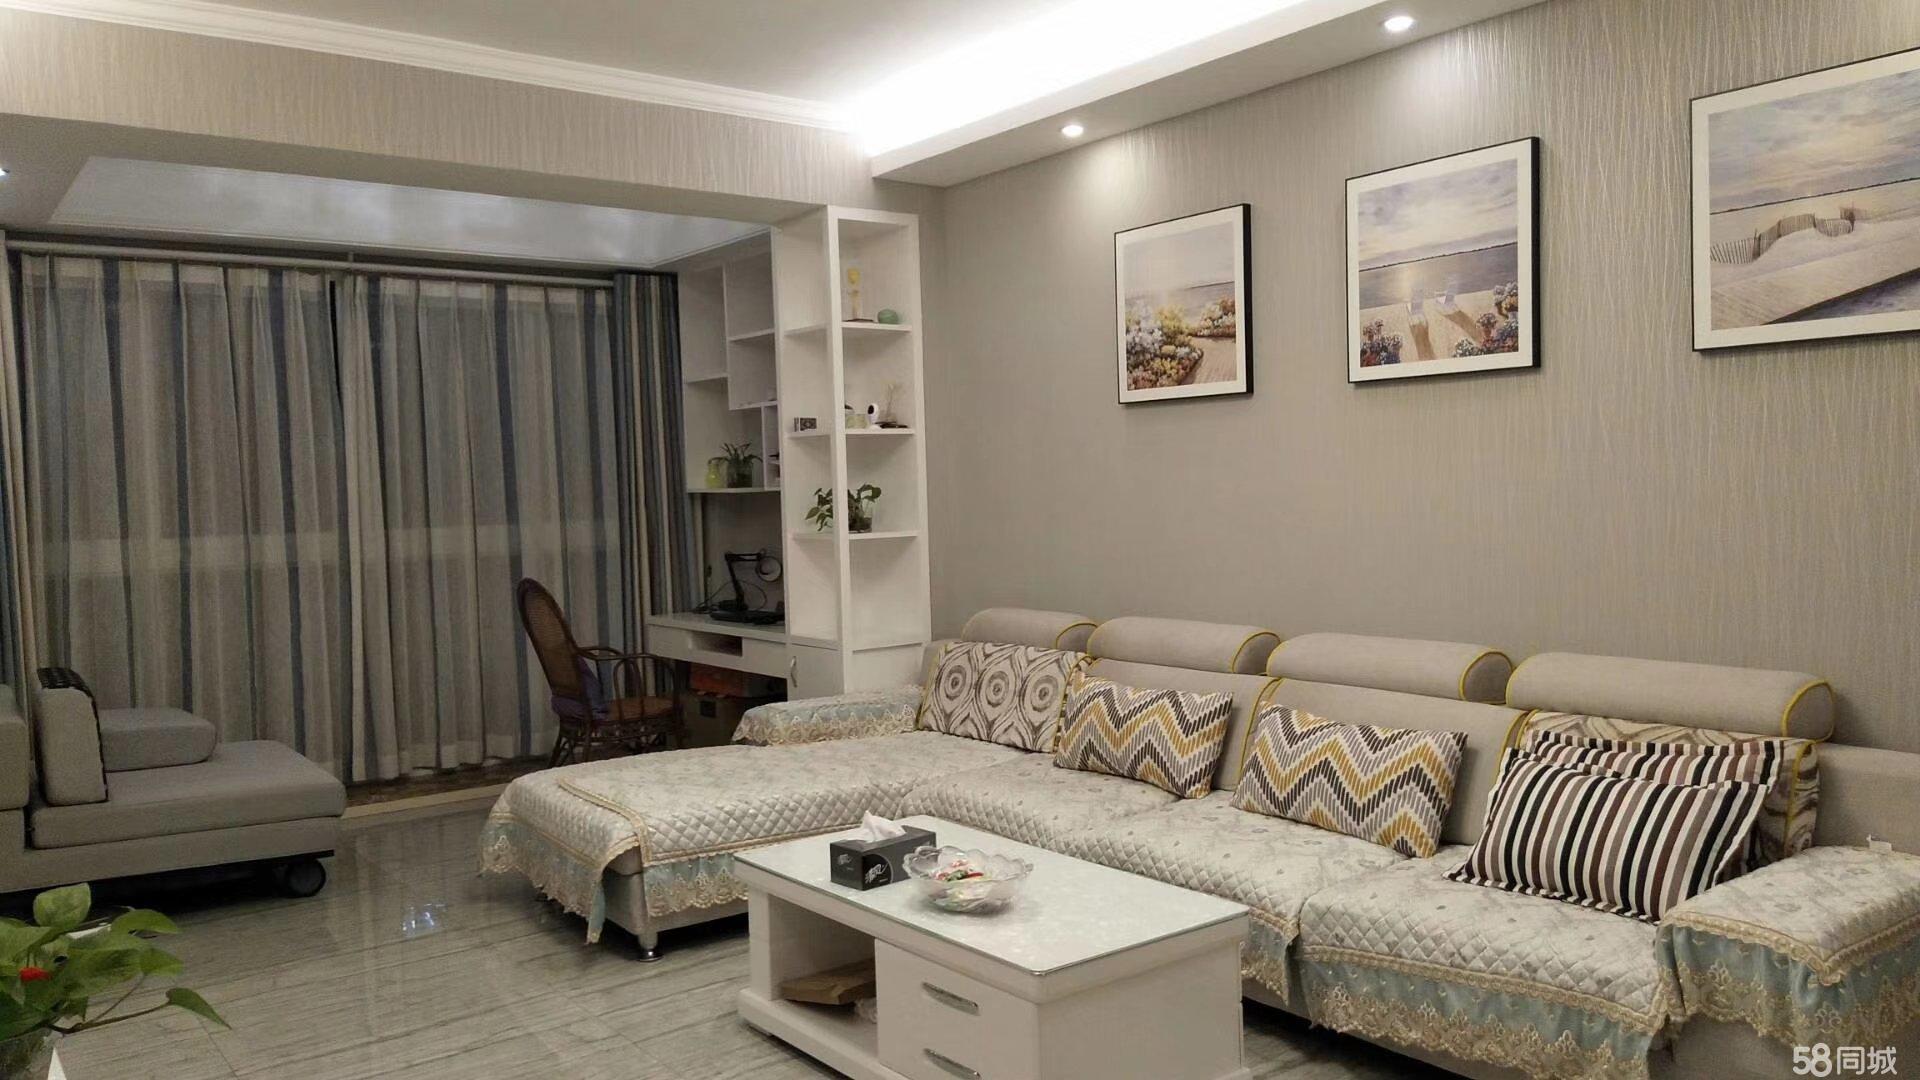 松洲家园中层,两室两厅一卫,80平方另带柴间,售82万